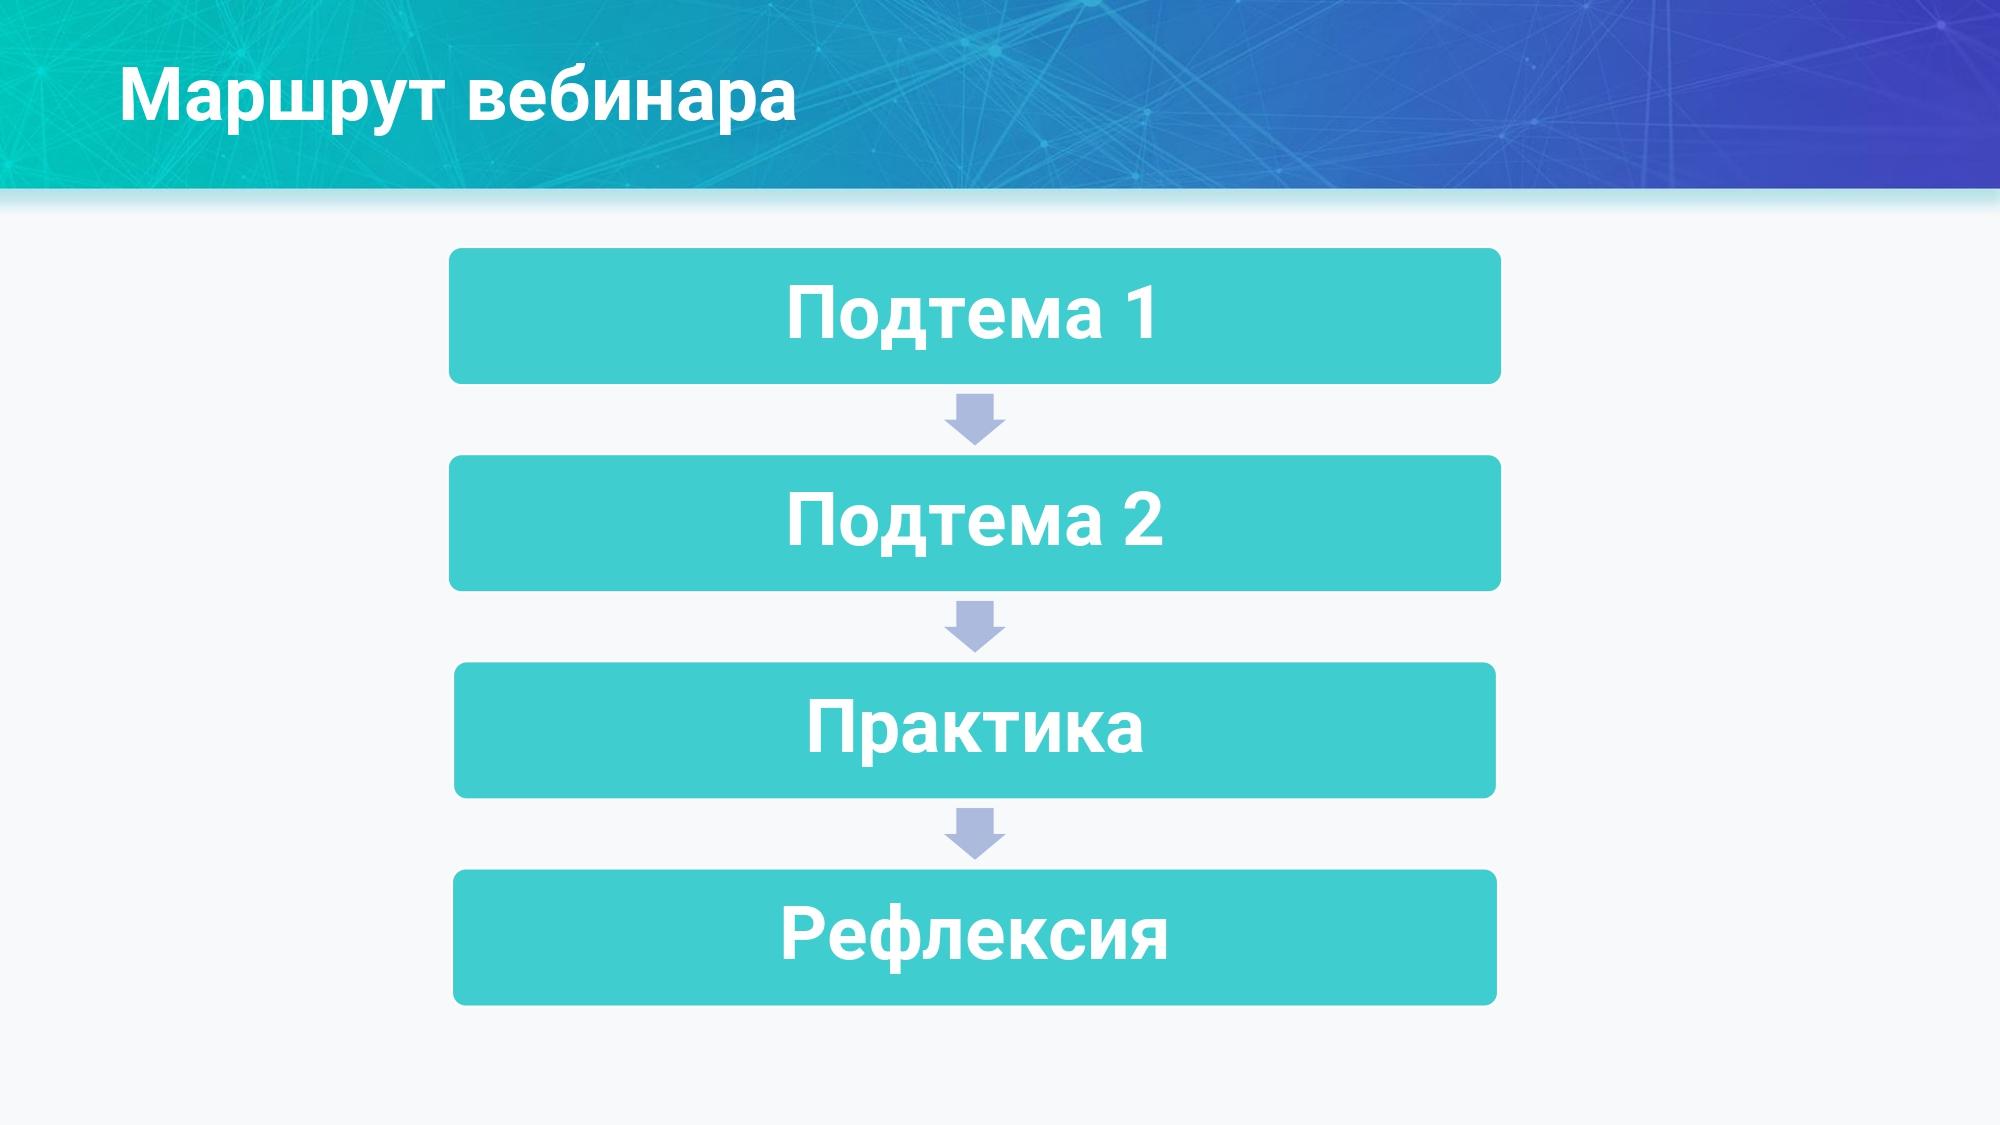 Шаблон_презентации_вебинара_в_новом_дизайне_с_подсказками_page_0007-73510-a974e5.jpg